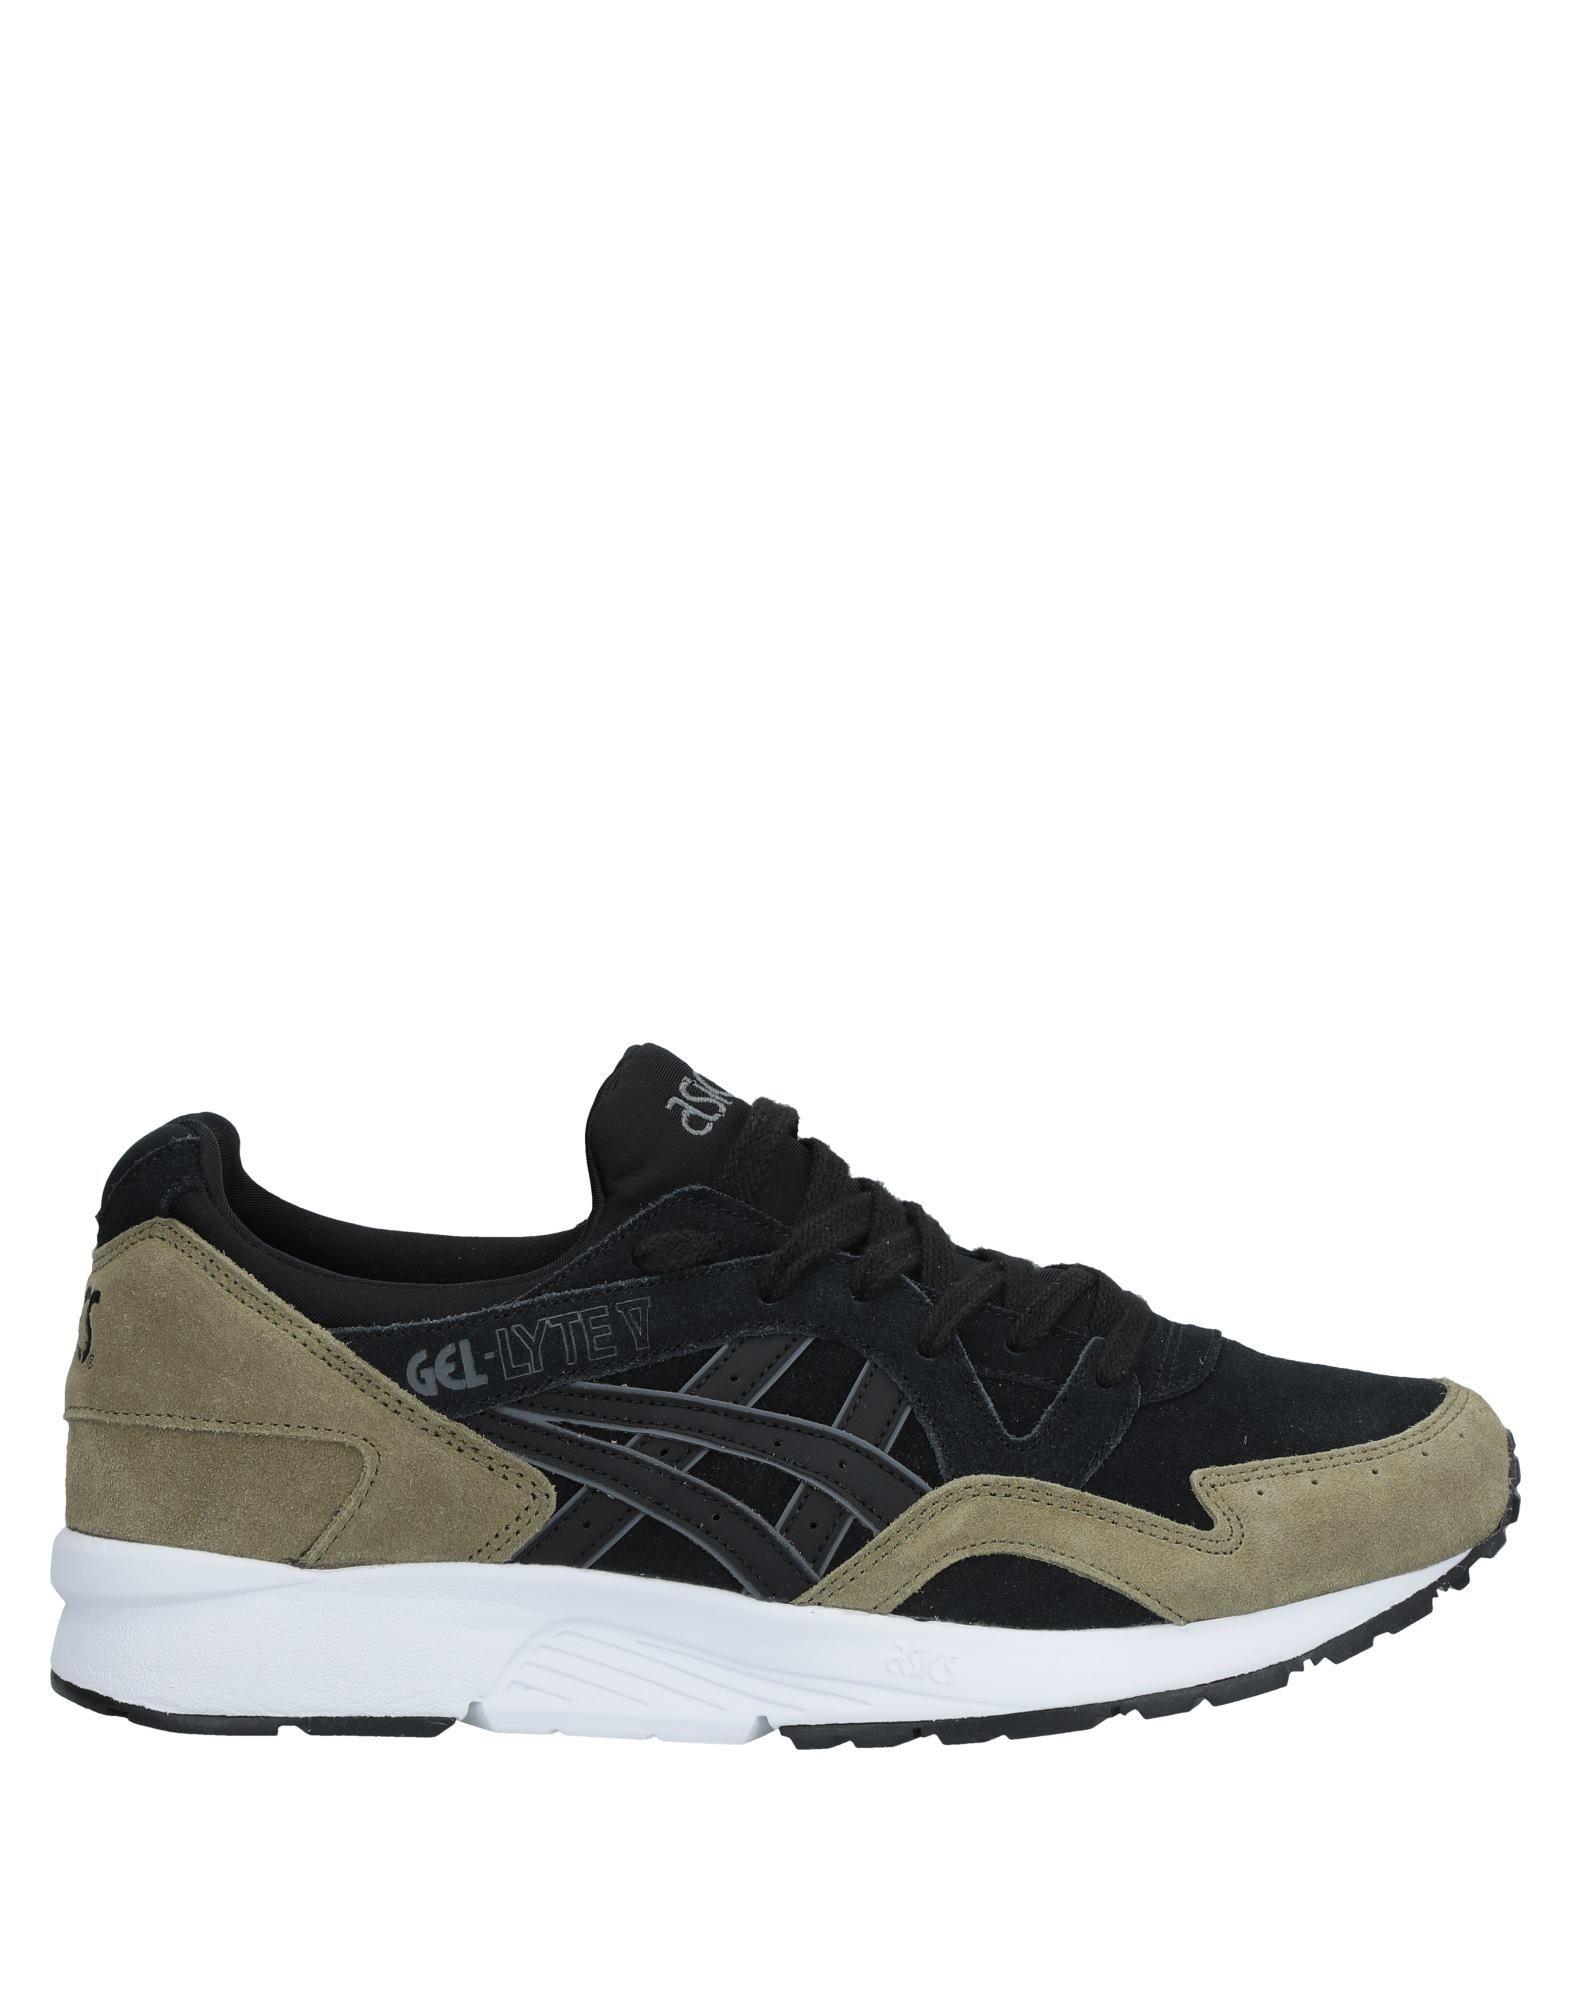 Asics Tiger Sneakers  Herren  Sneakers 11535677LA c4c3fe